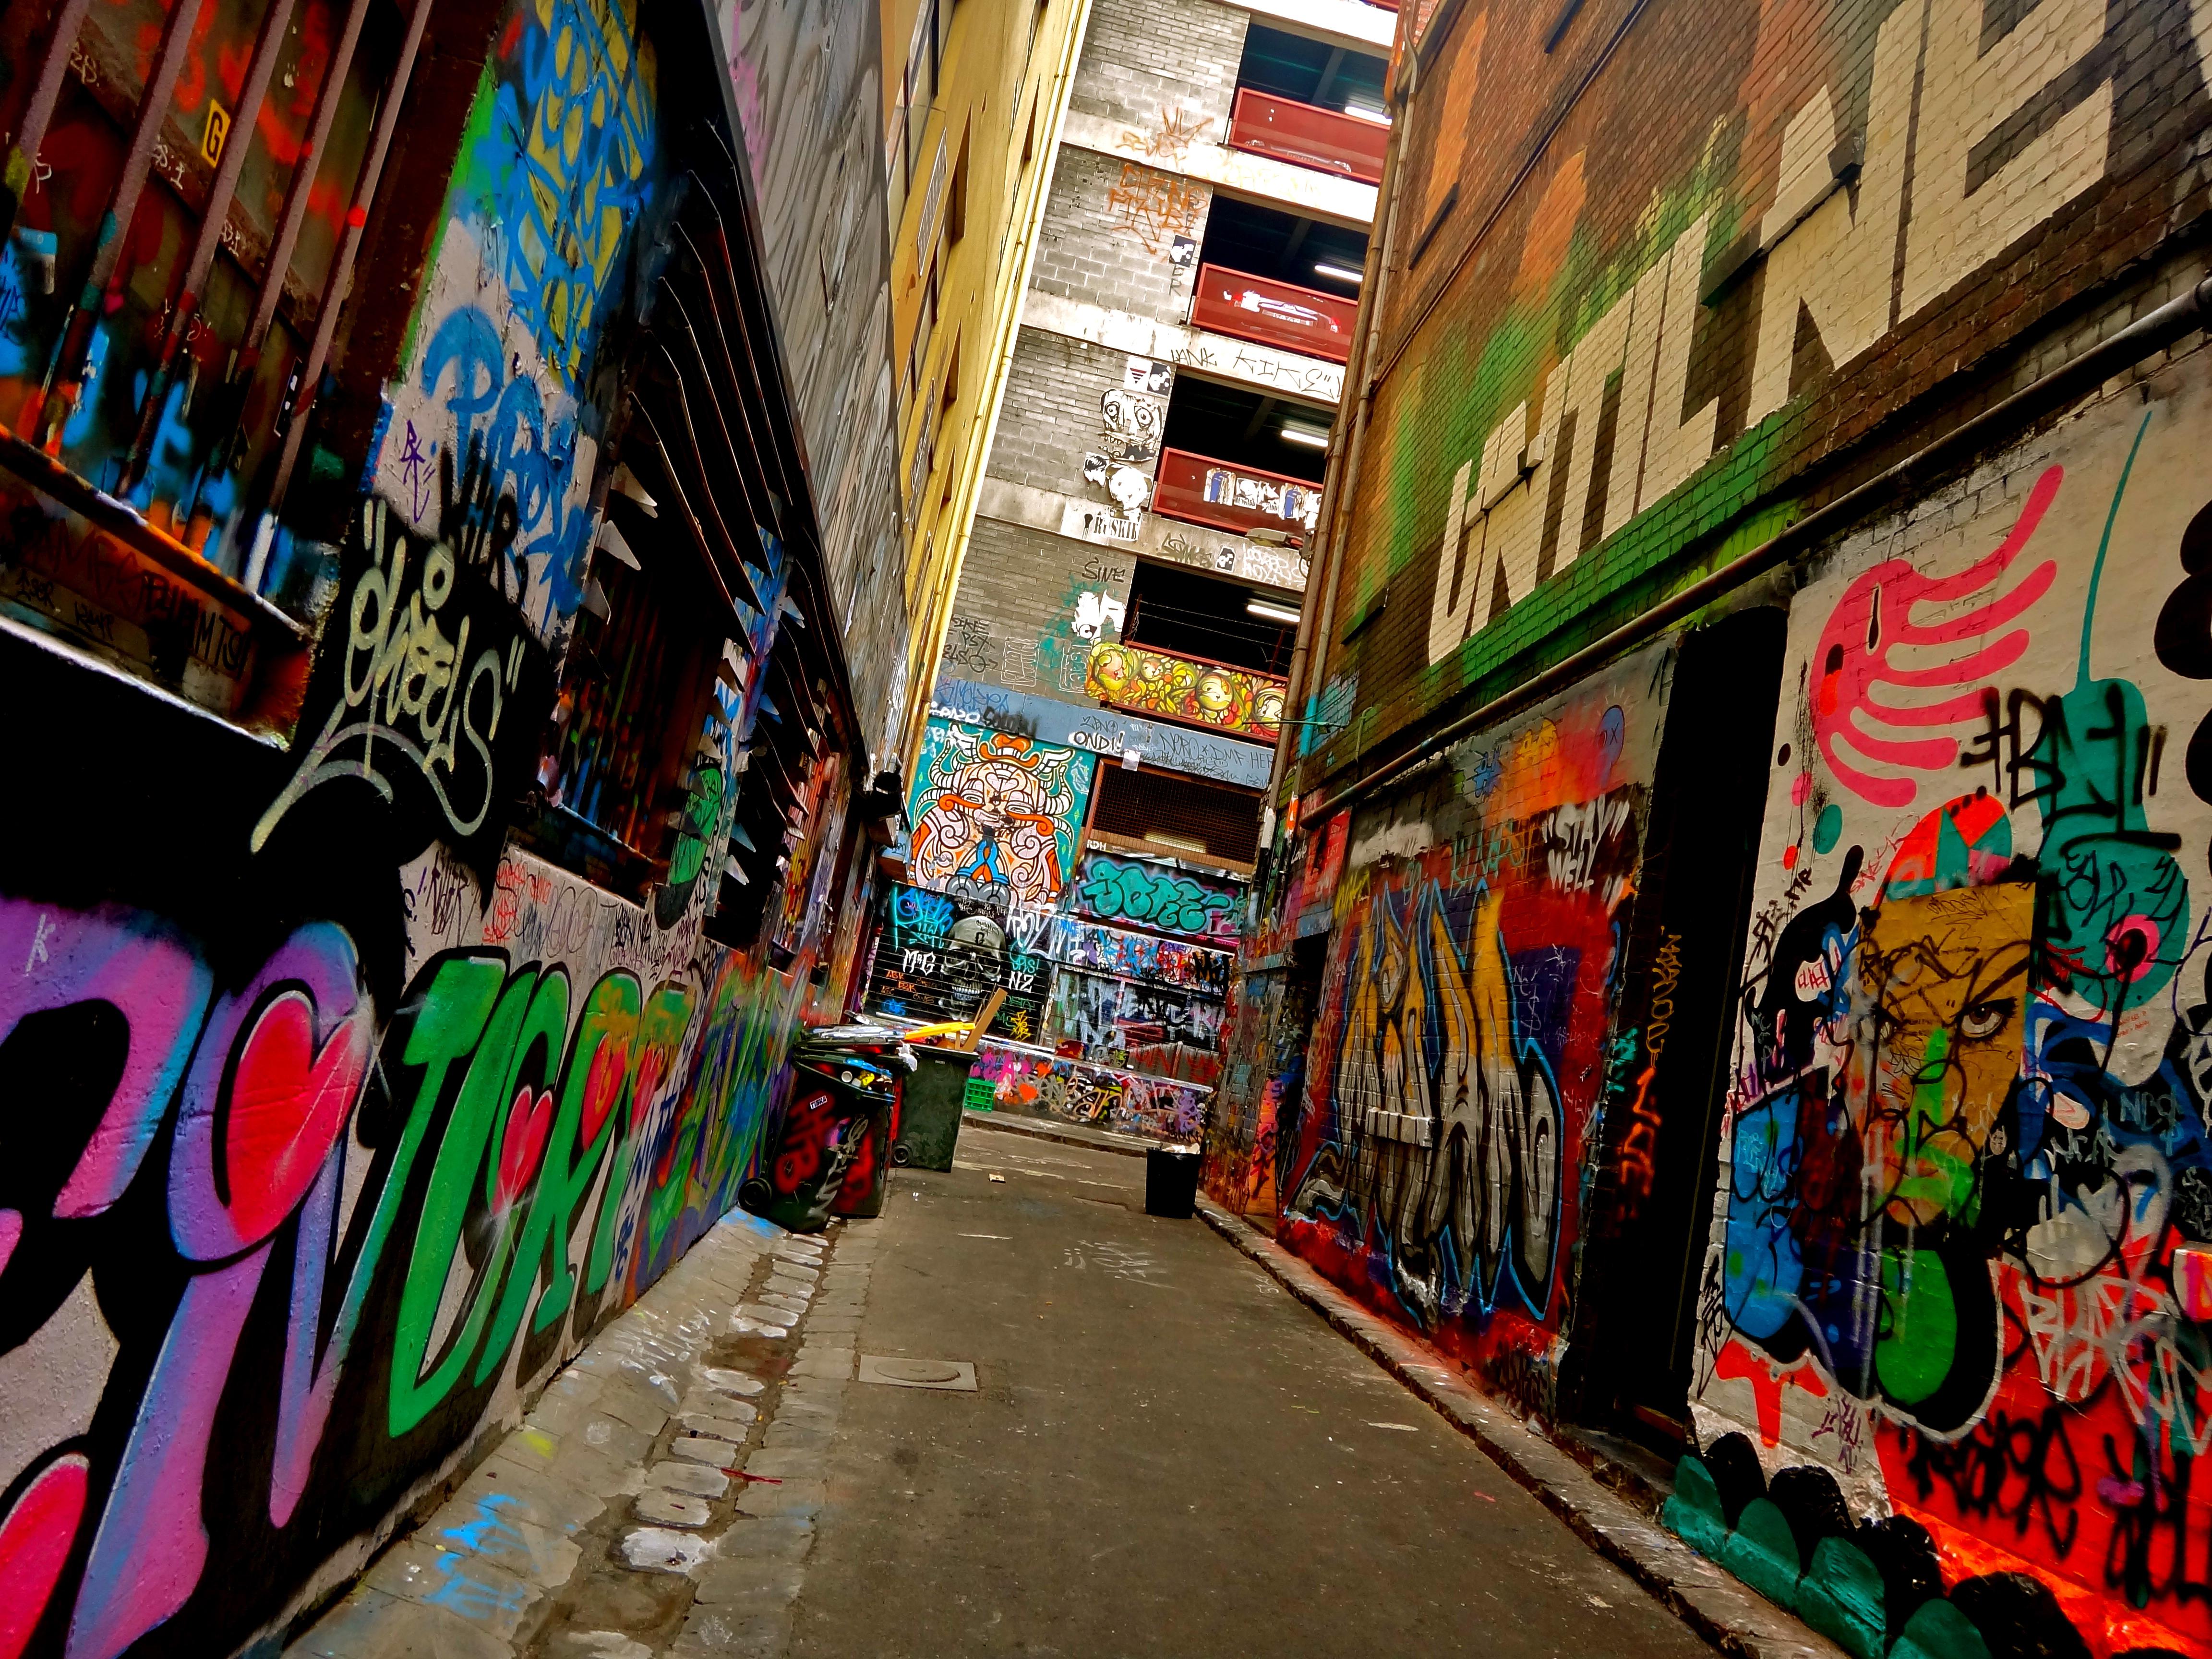 Graffiti in Melbourne CBD